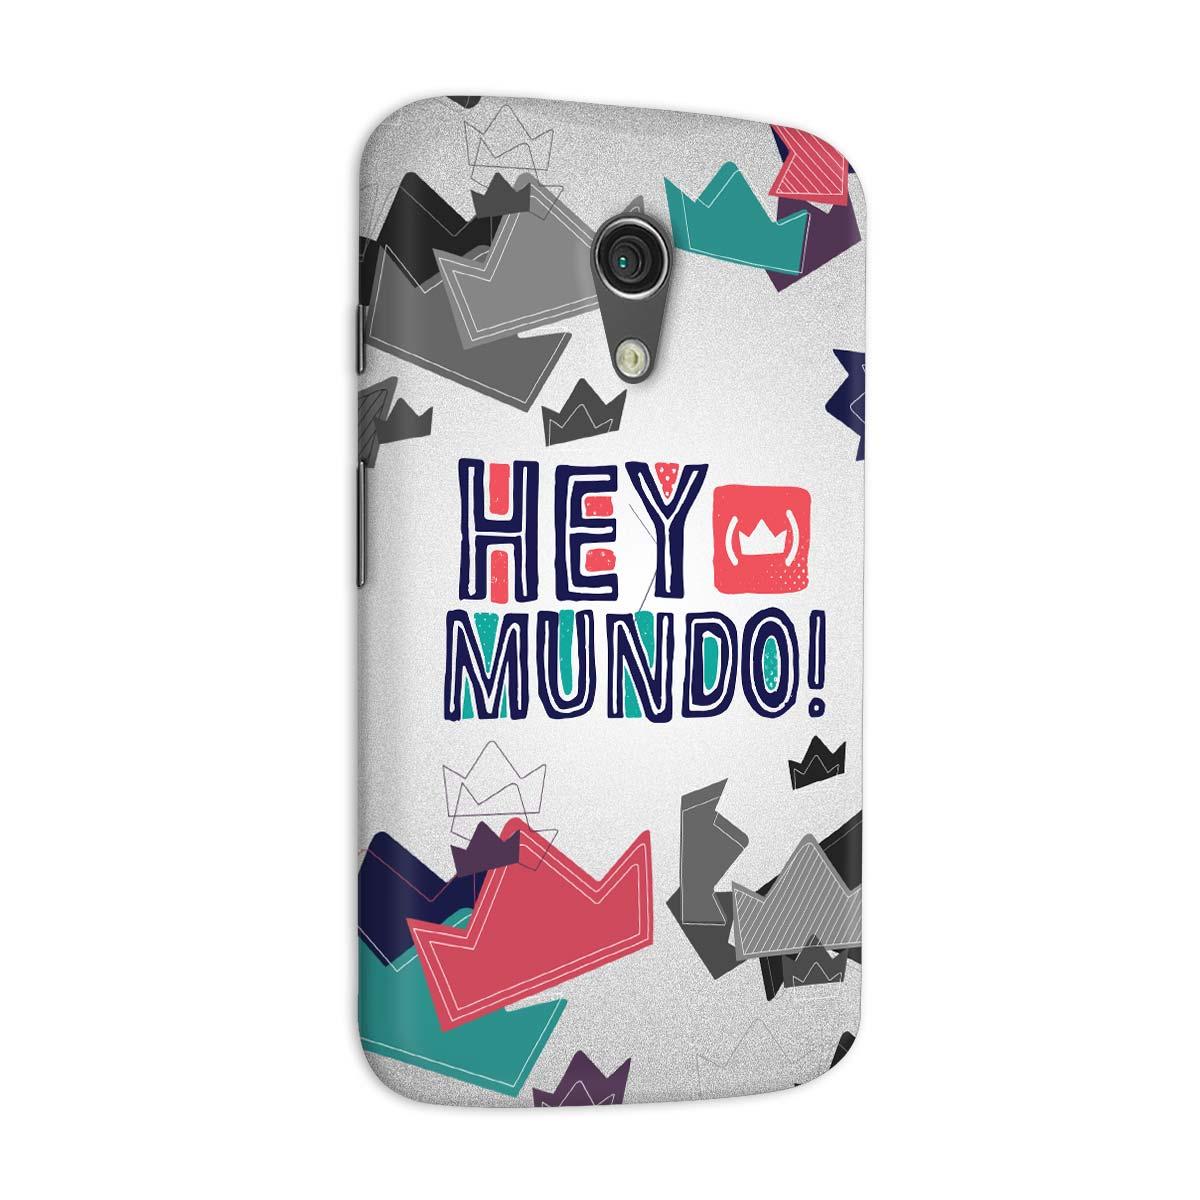 Capa para Motorola Moto G 2 Thiaguinho Hey Mundo! Logo